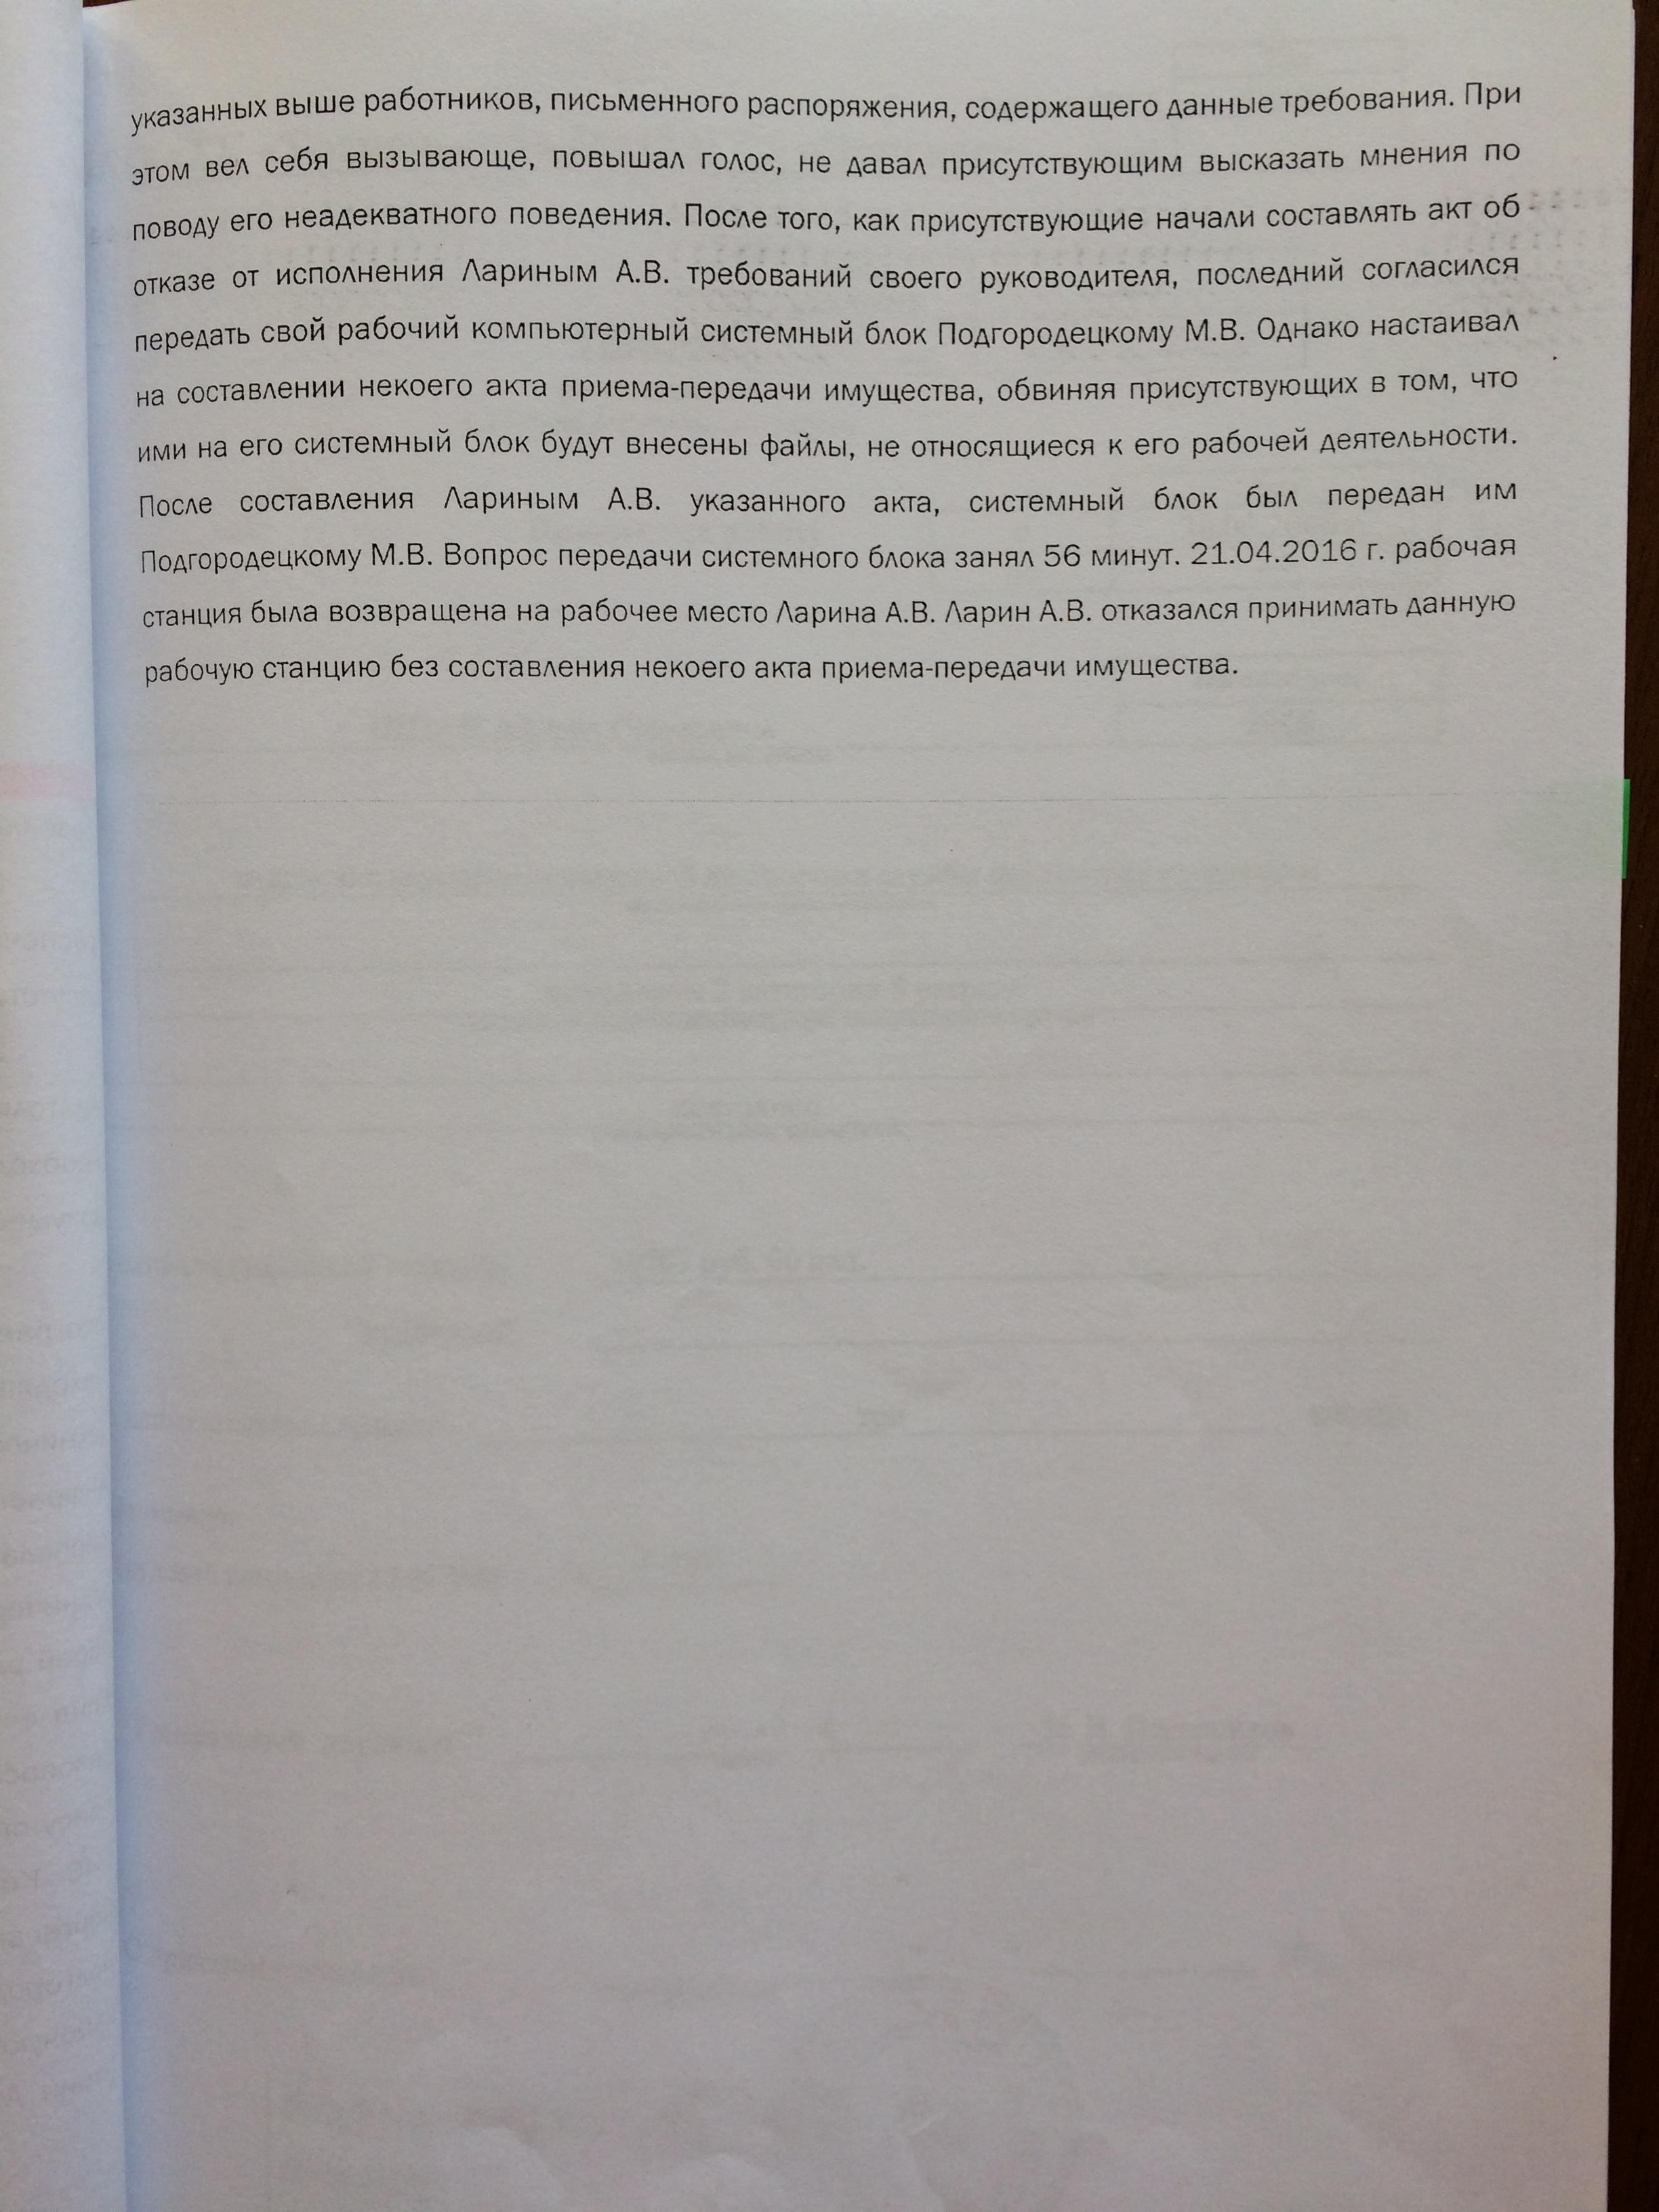 Фото документов проверки Луховицкой городской прокуратурой - 80 (5)